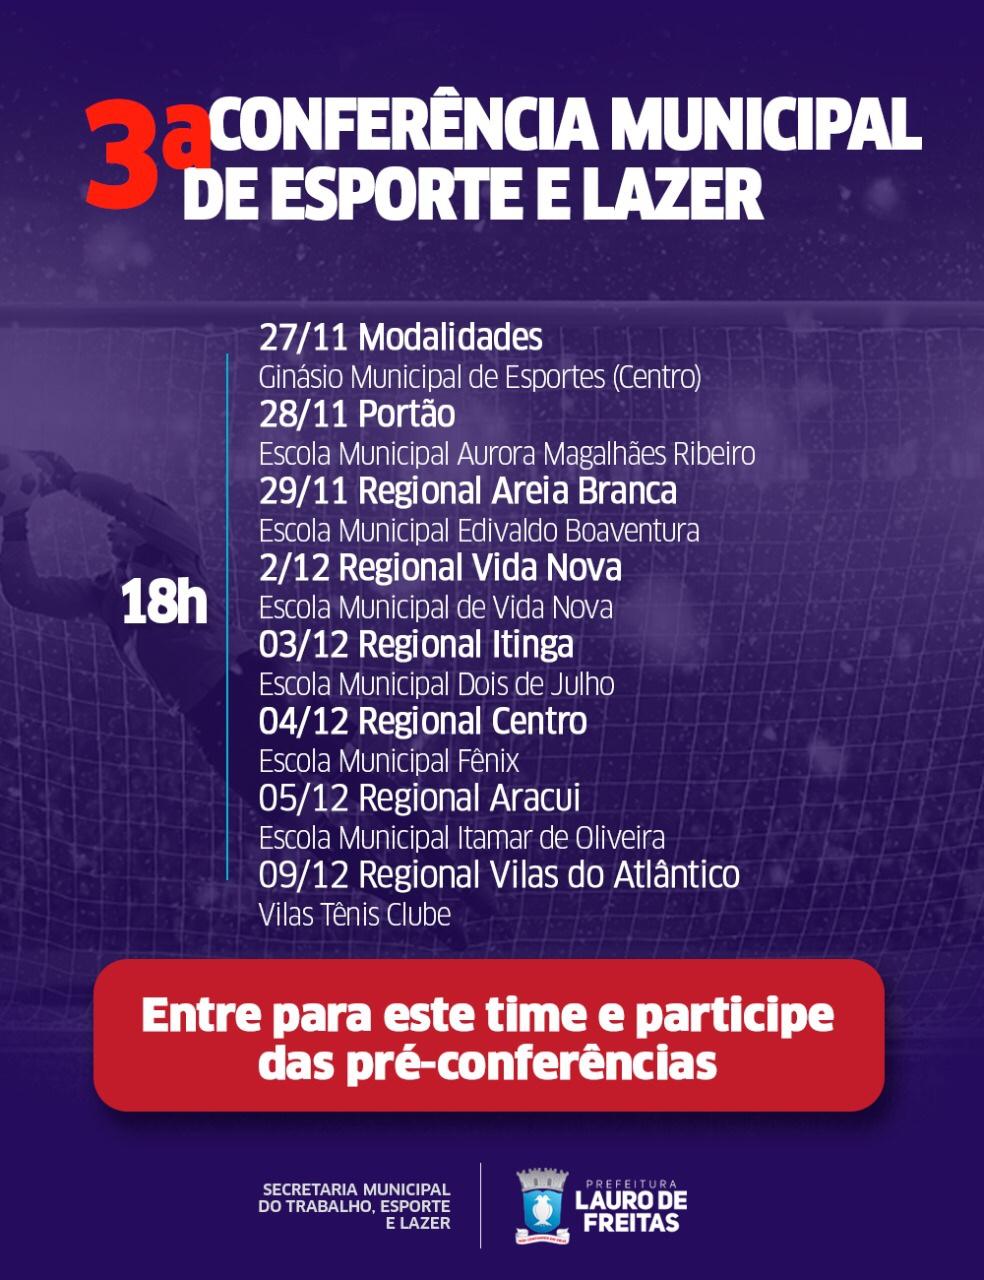 Prefeitura de Lauro de Freitas realiza 3ª Conferência Municipal de Esporte e Lazer